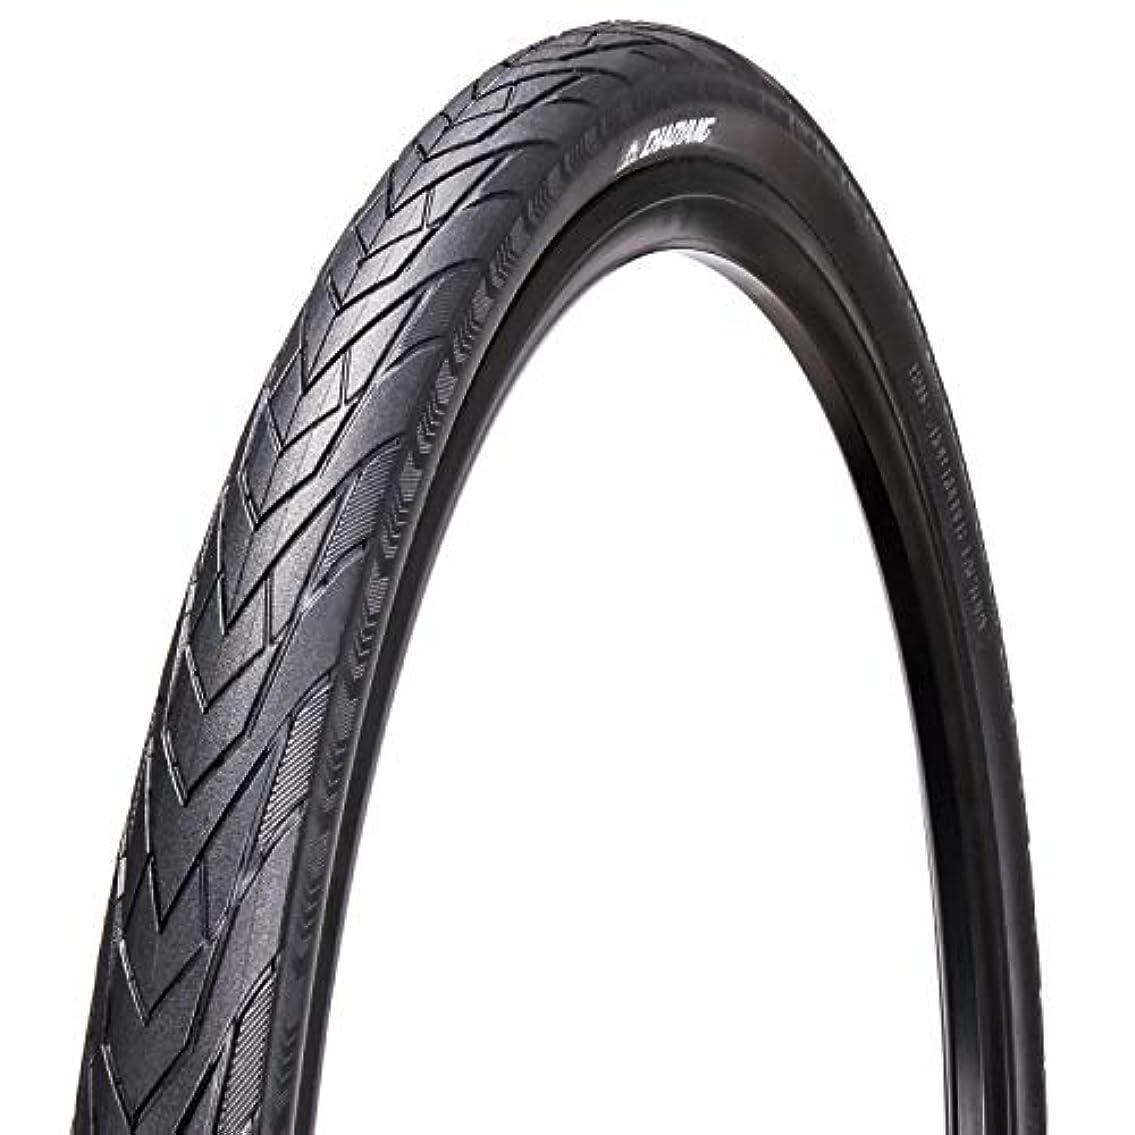 きゅうり倫理的落とし穴CHAO YANG(チャオヤン) タイヤ [700X35C] H481 ケブラーブレーカー装備 ATB/MTB/クロスバイク 143763